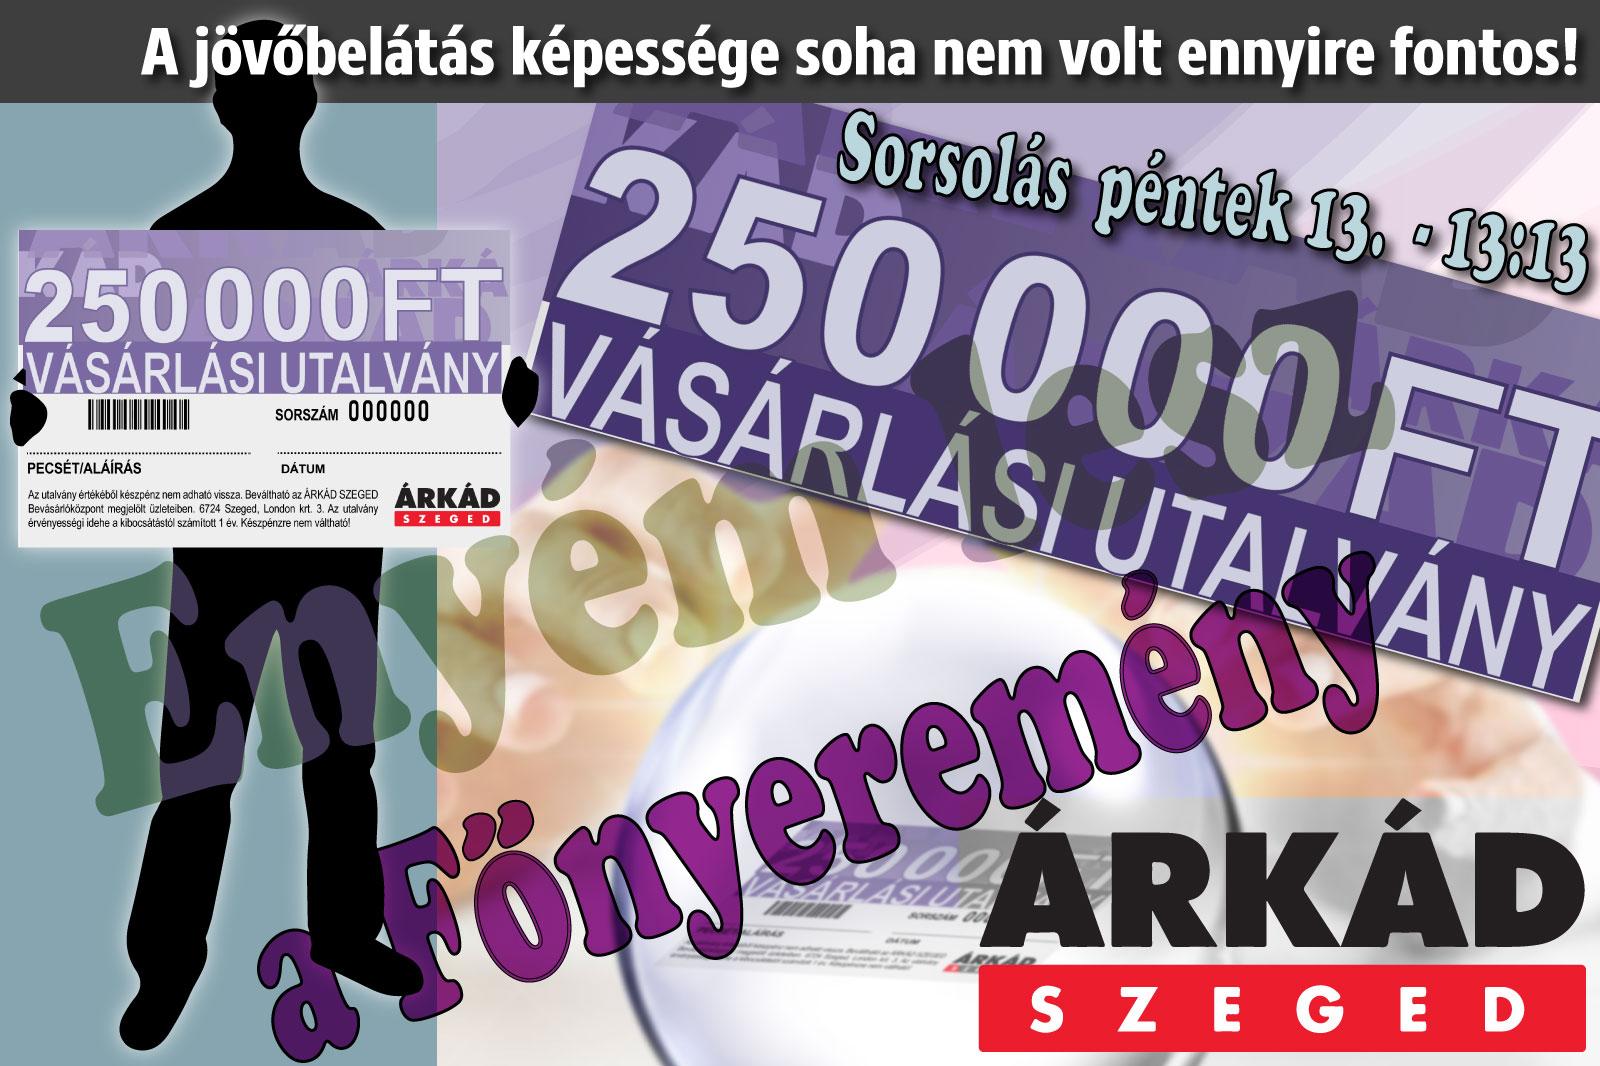 Árkád Szeged - Enyém lesz játék